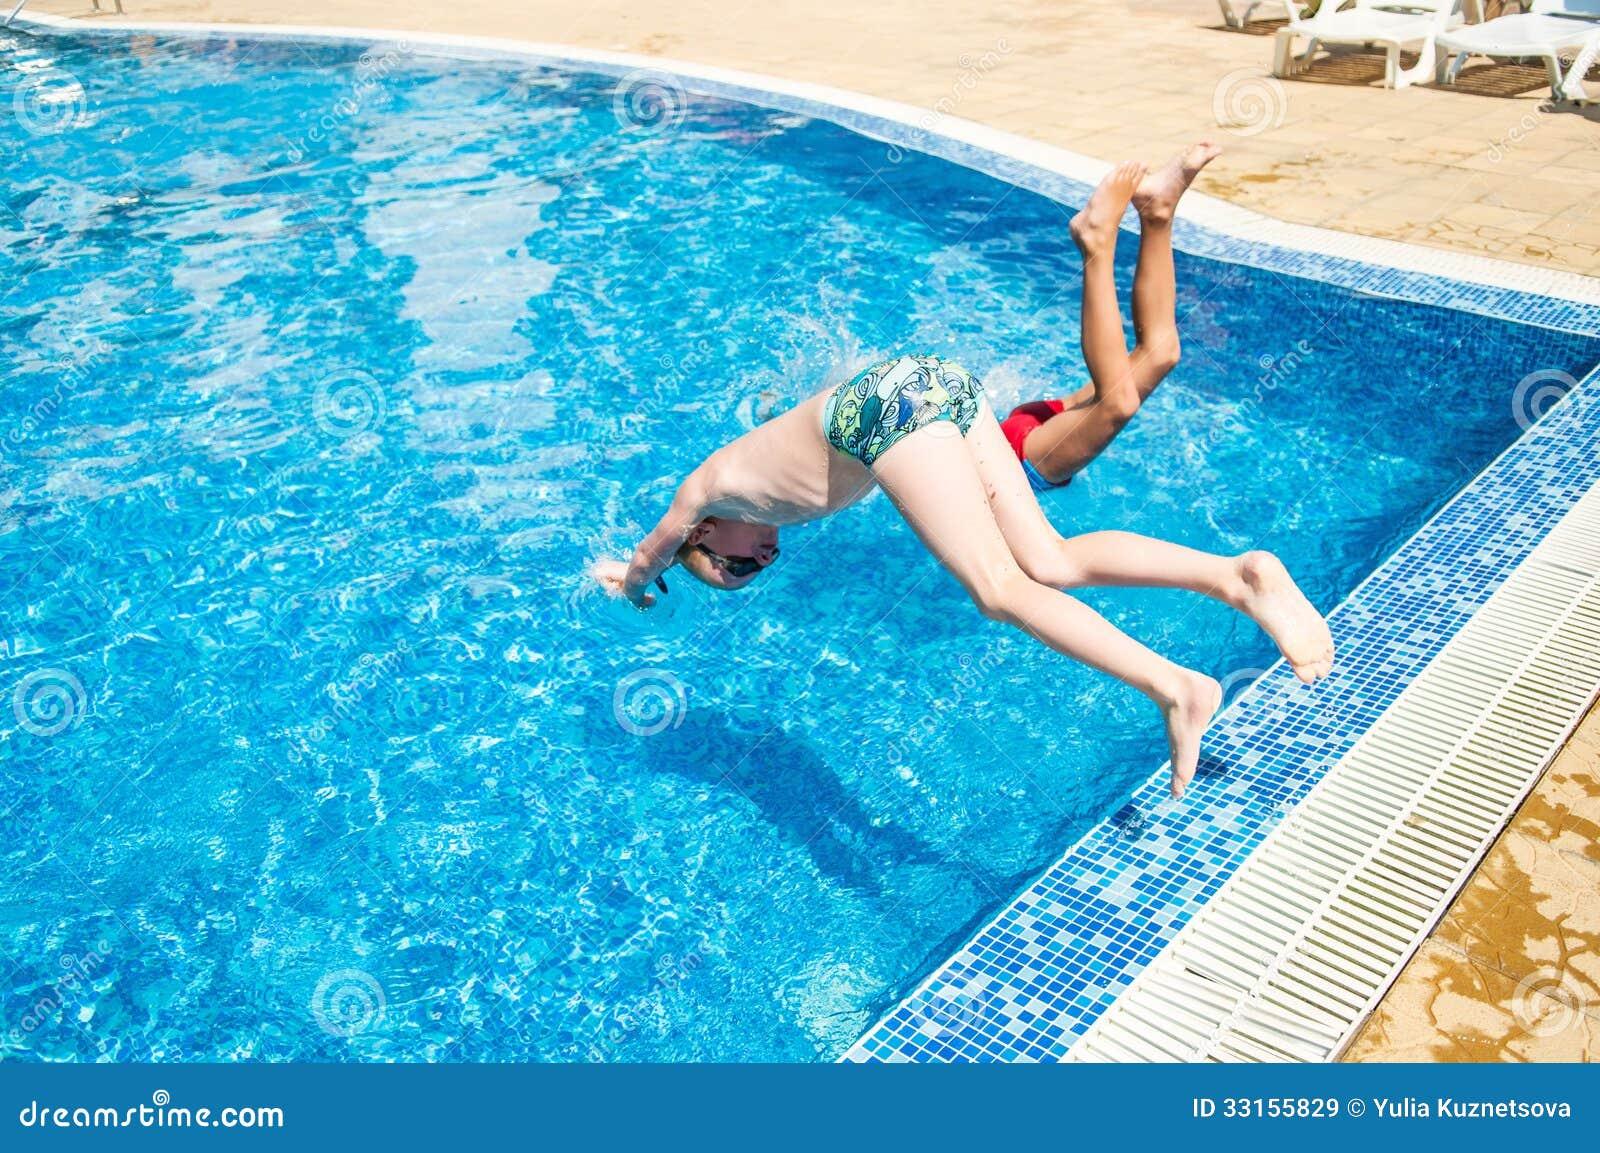 термобелья Преимущества приснился утопающих в бассейне термобелье просто незаменимо